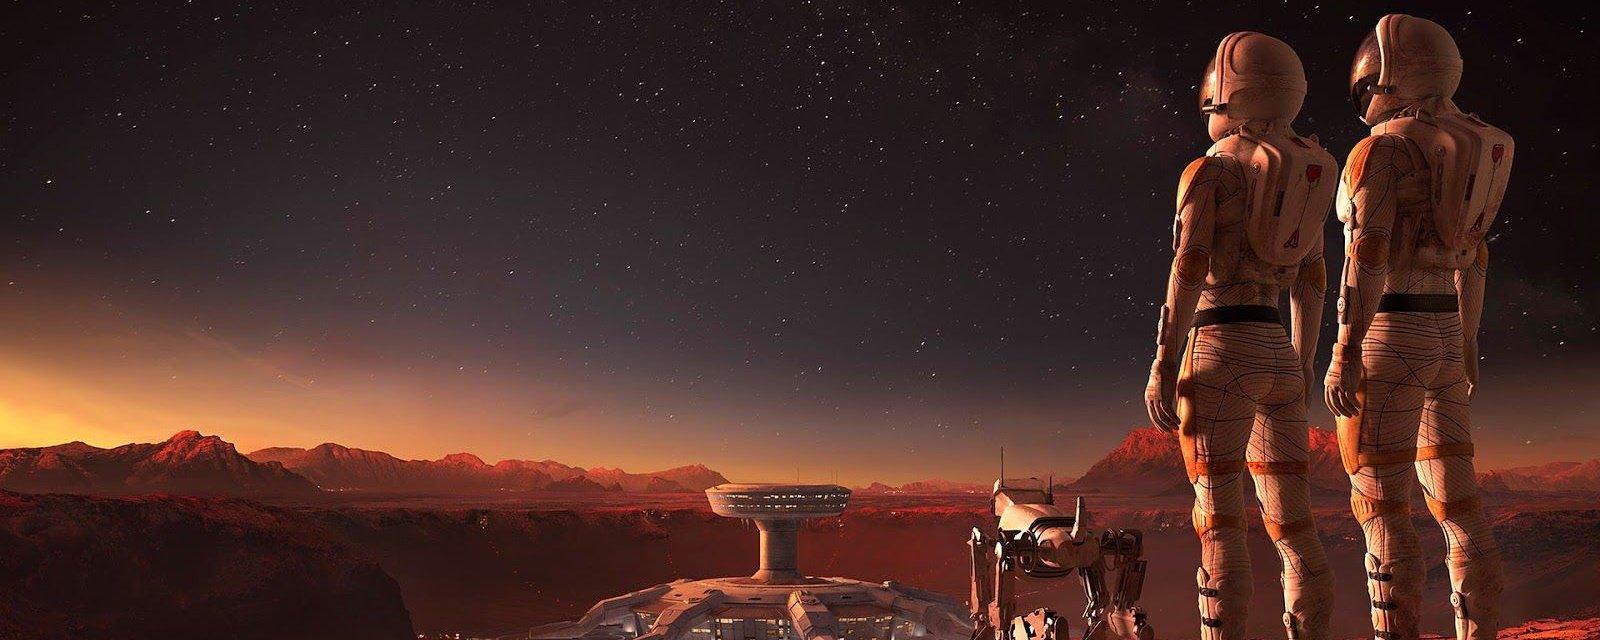 Elon Musk diz que base humana em Marte pode ser inaugurada em 2028